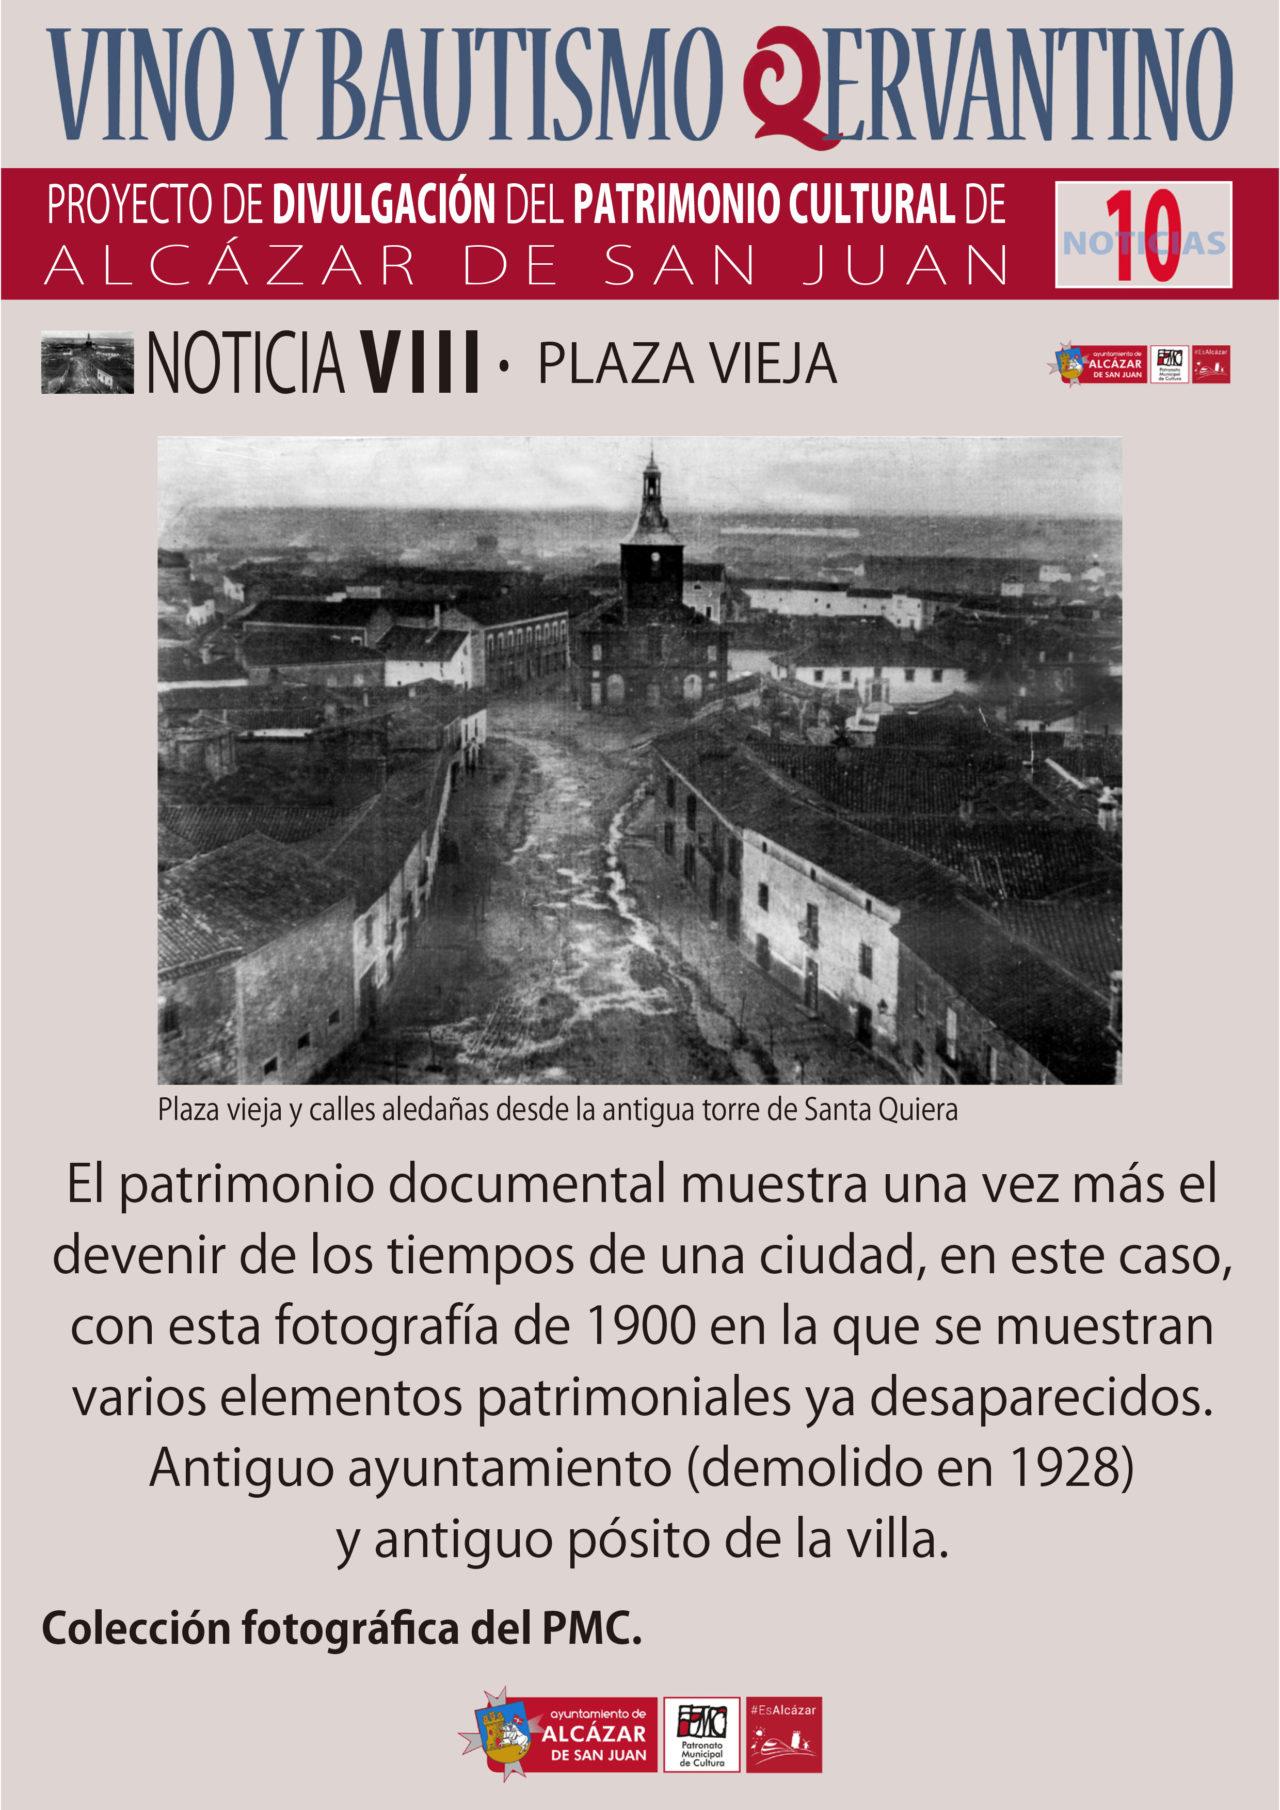 Obra del pintor Ángel Lizcano Monedero y fotografía noticia VIII